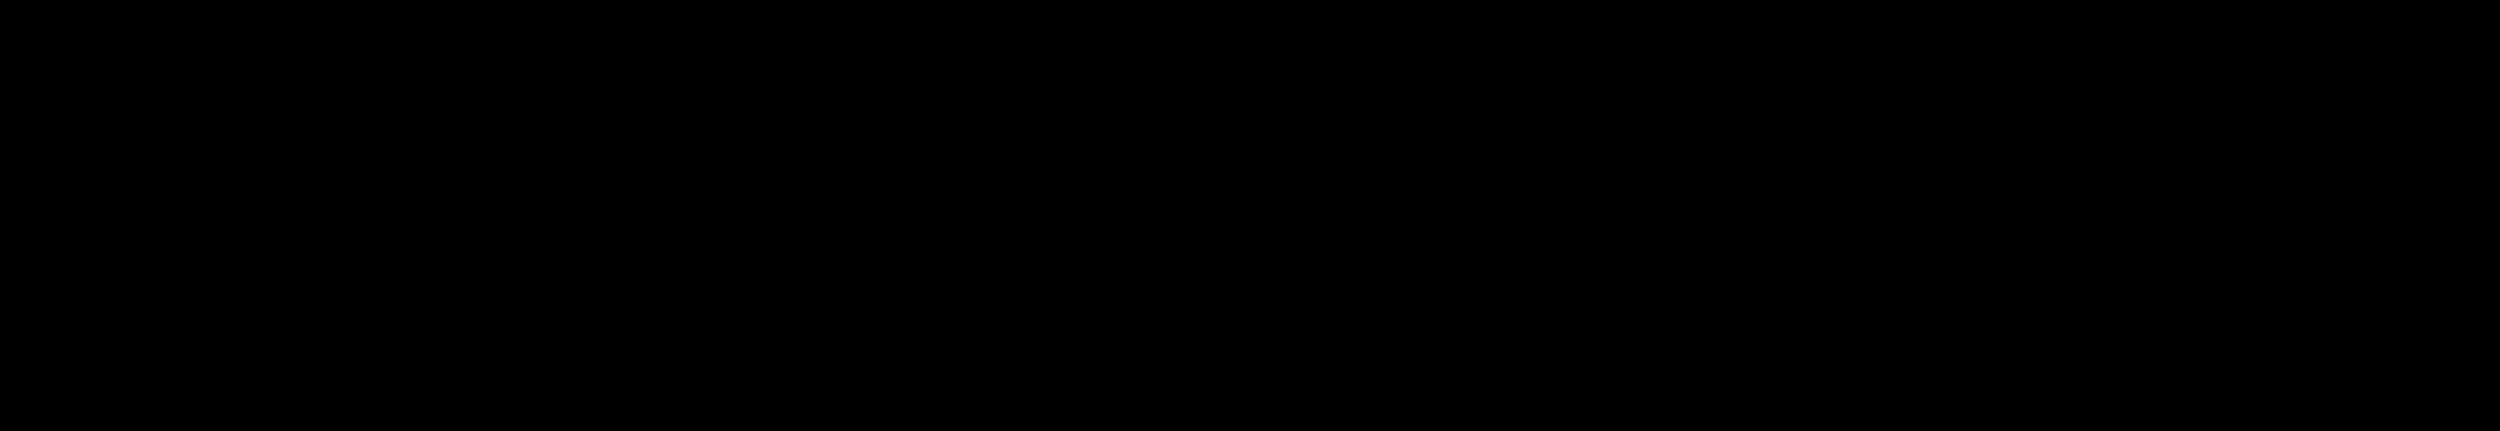 2012_superfeet_logo_final-3.png